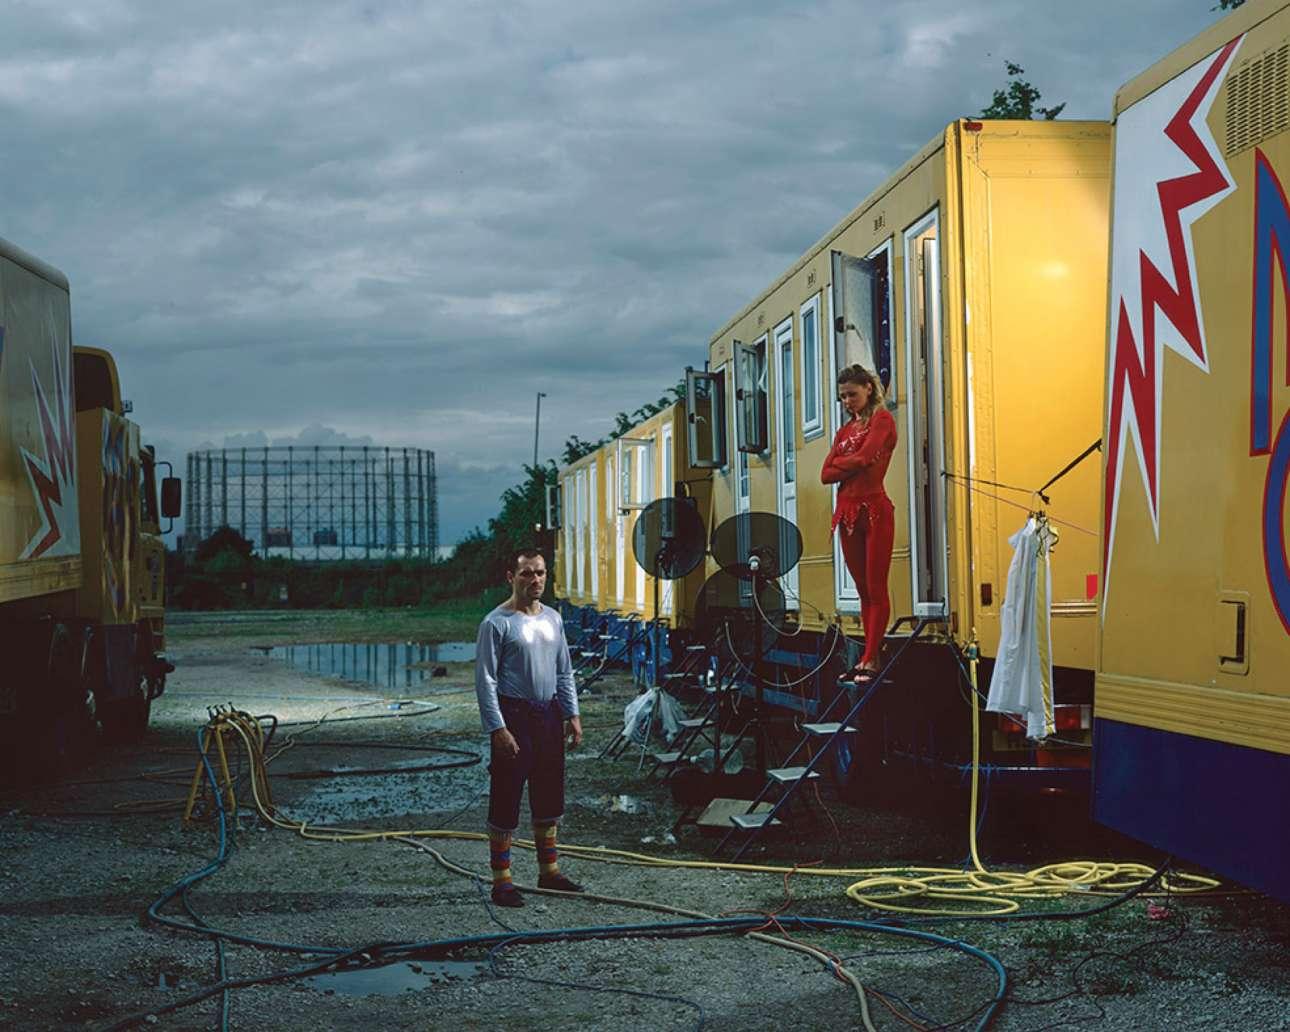 Βικτόρια Αραμπέι και Ζούραμπ Σκιρτλάτζε στον χώρο στάθμευσης του σταδίου του Μάντσεστερ, το 2009. Ο ατρόμητος Γεωργιανός εκτελεί το επικίνδυνο νούμερο Sky Wheelστο Κρατικό Μουσείο Μόσχας, όπου περνάει με μηχανή και με δεμένα τα μάτια πάνω από ένα περιστρεφόμενο τροχό, δώδεκα μέτρα πάνω από το έδαφος